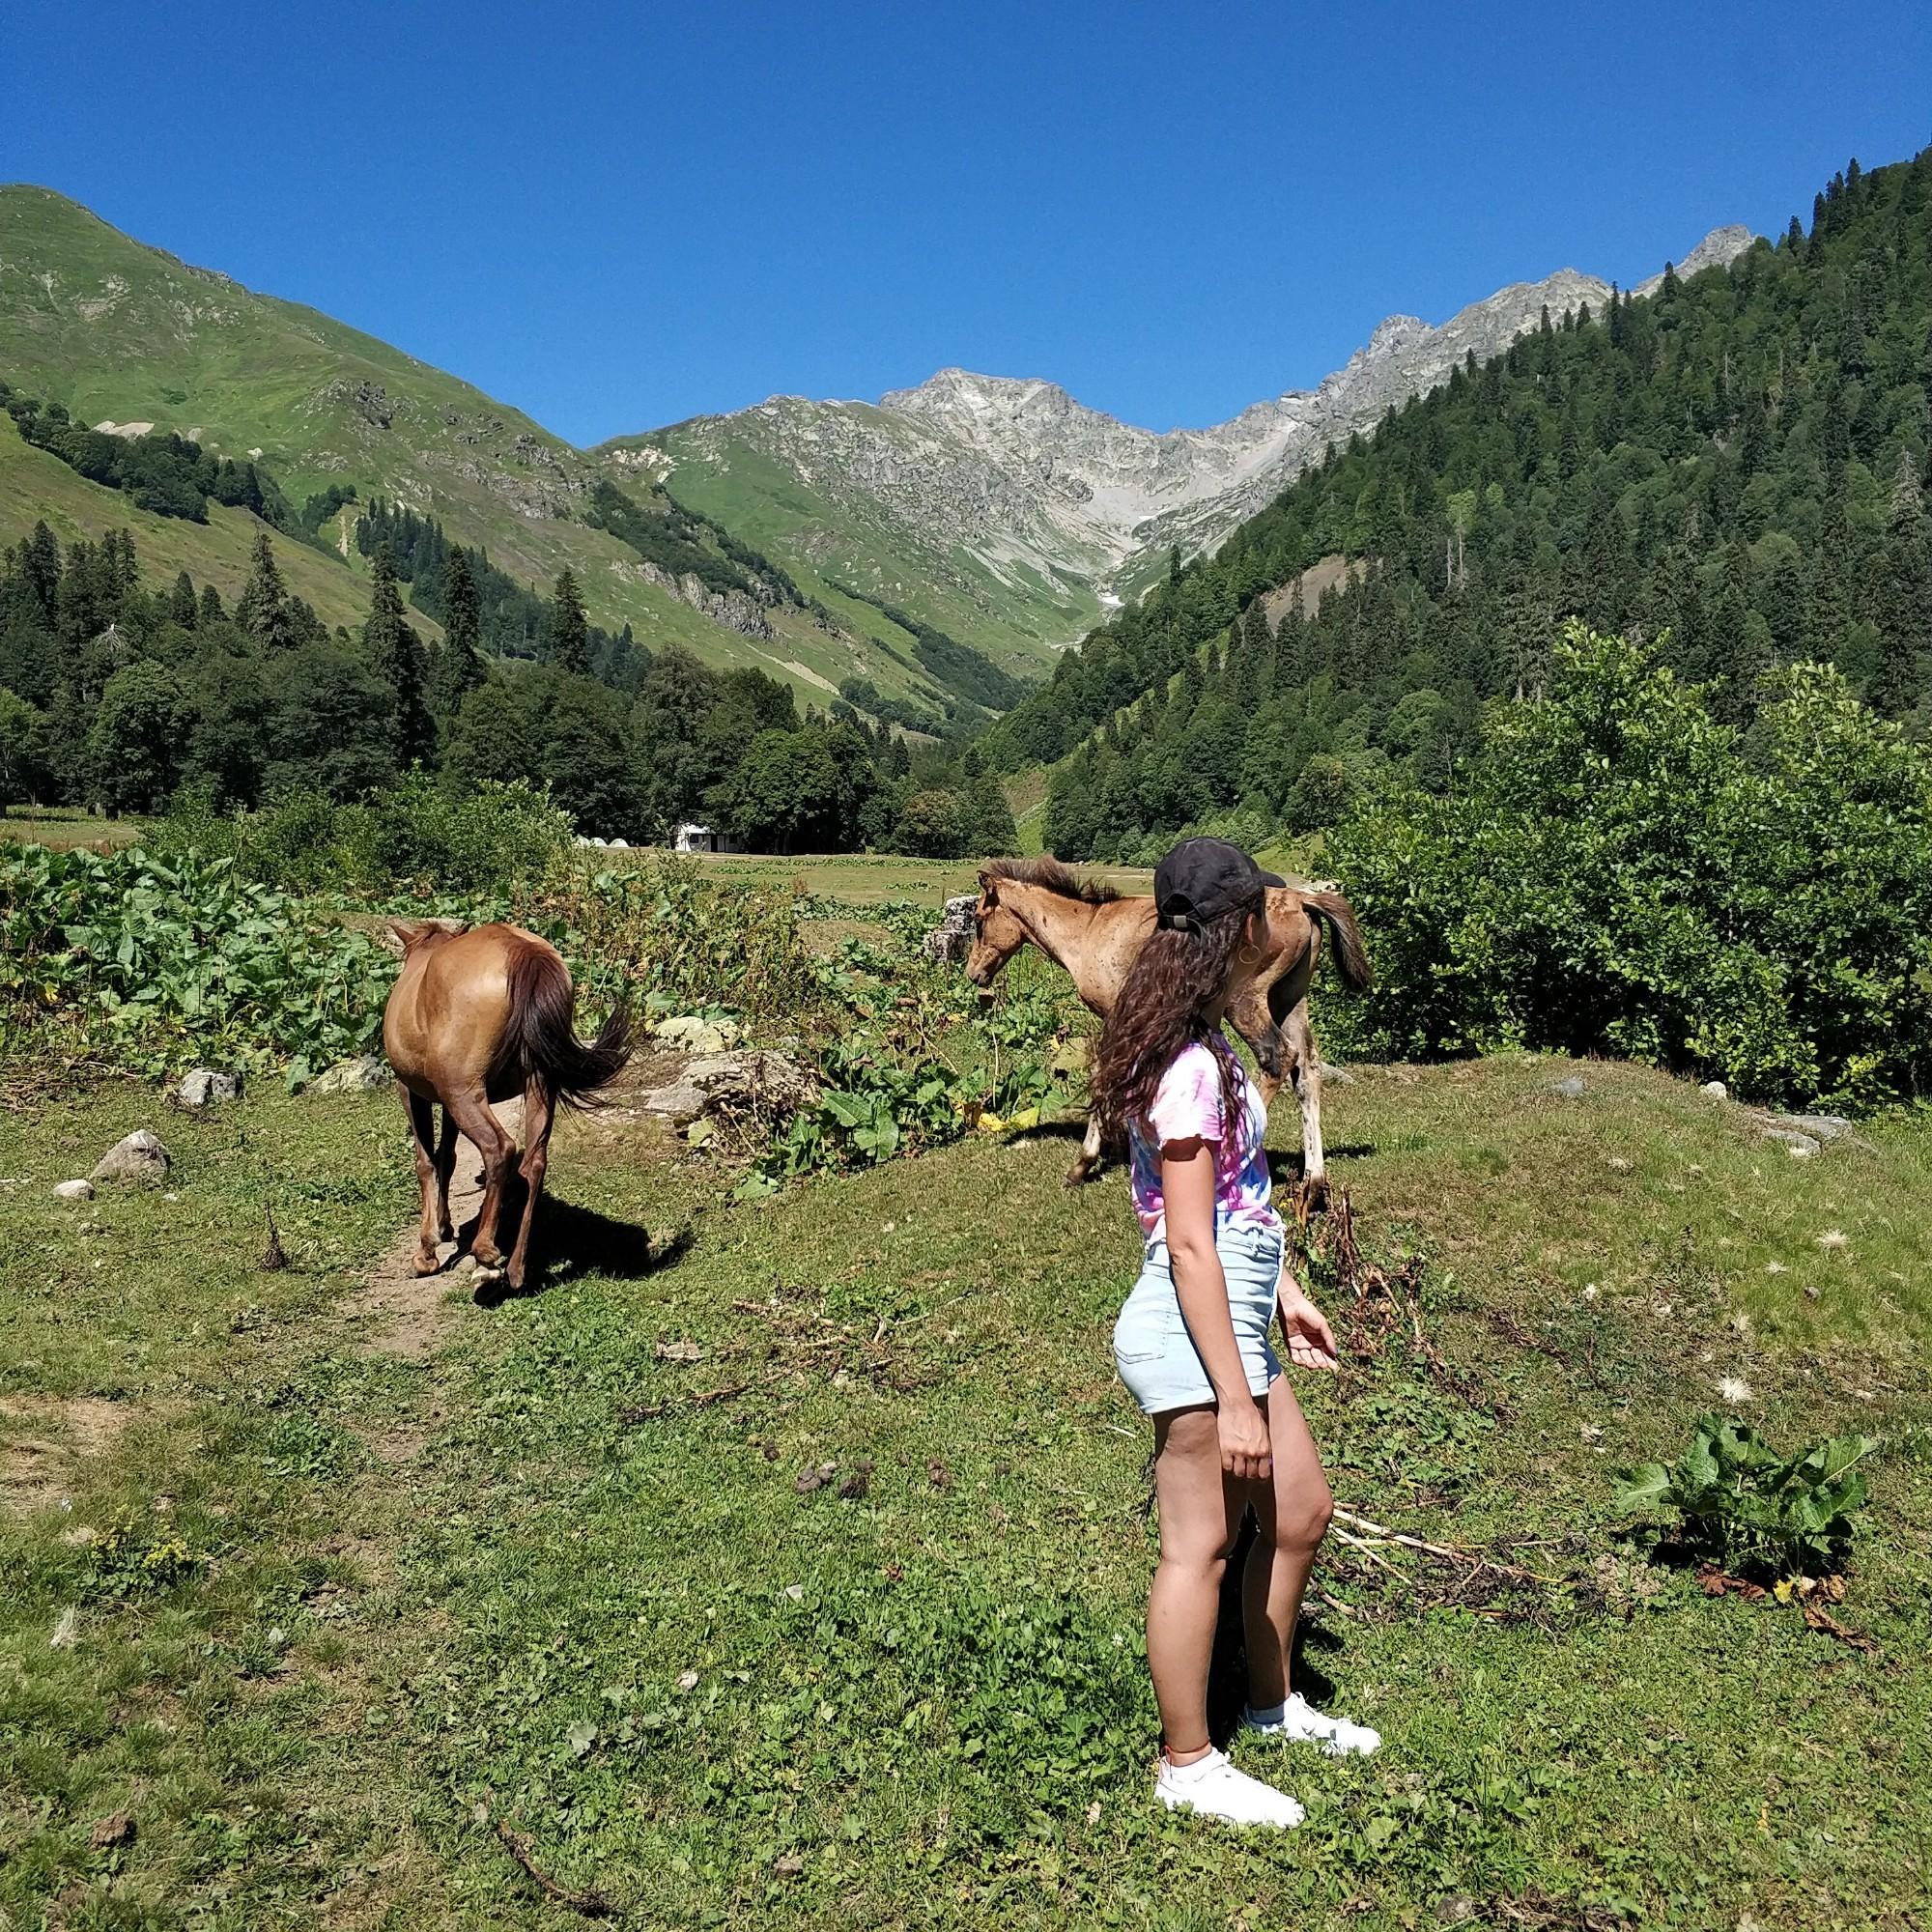 15 августа 2019<br/> В Альпийских лугах животных было больше, чем людей. Тихо, спокойно и дышится свободно